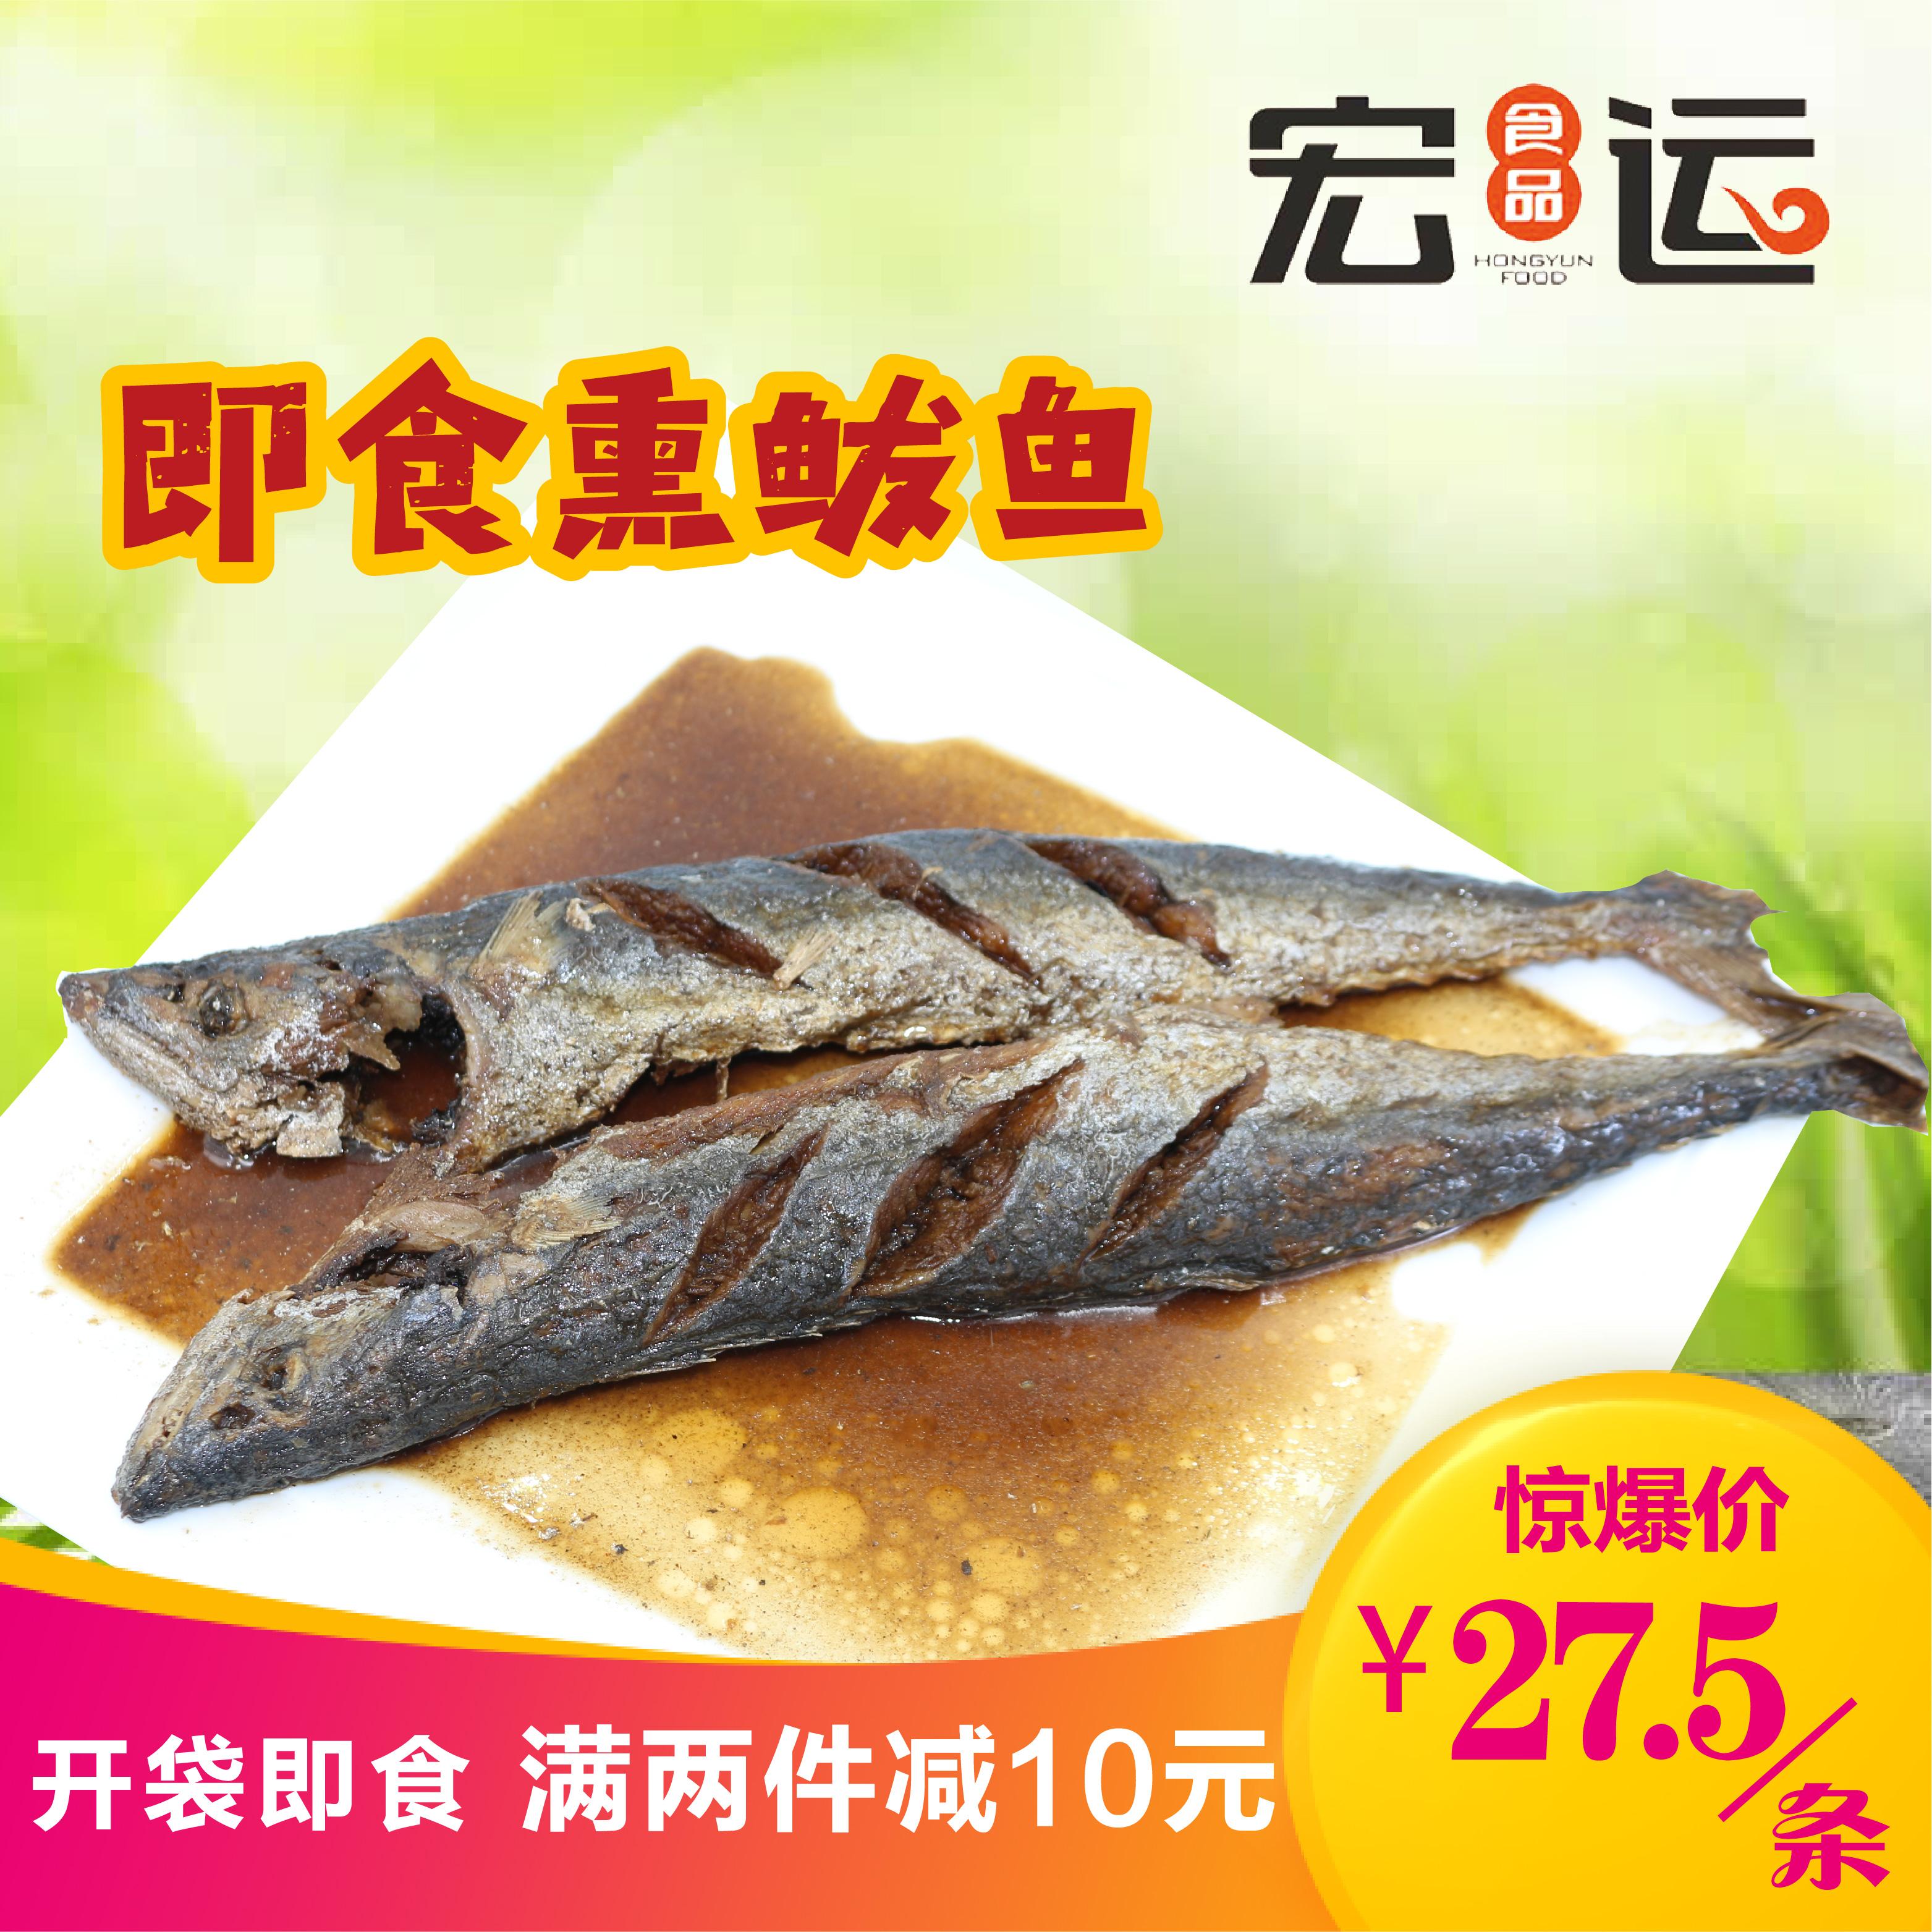 青岛特产五香熏鲅鱼即食凉菜熟食新鲜现做下酒菜卤味鲅鱼整条350g